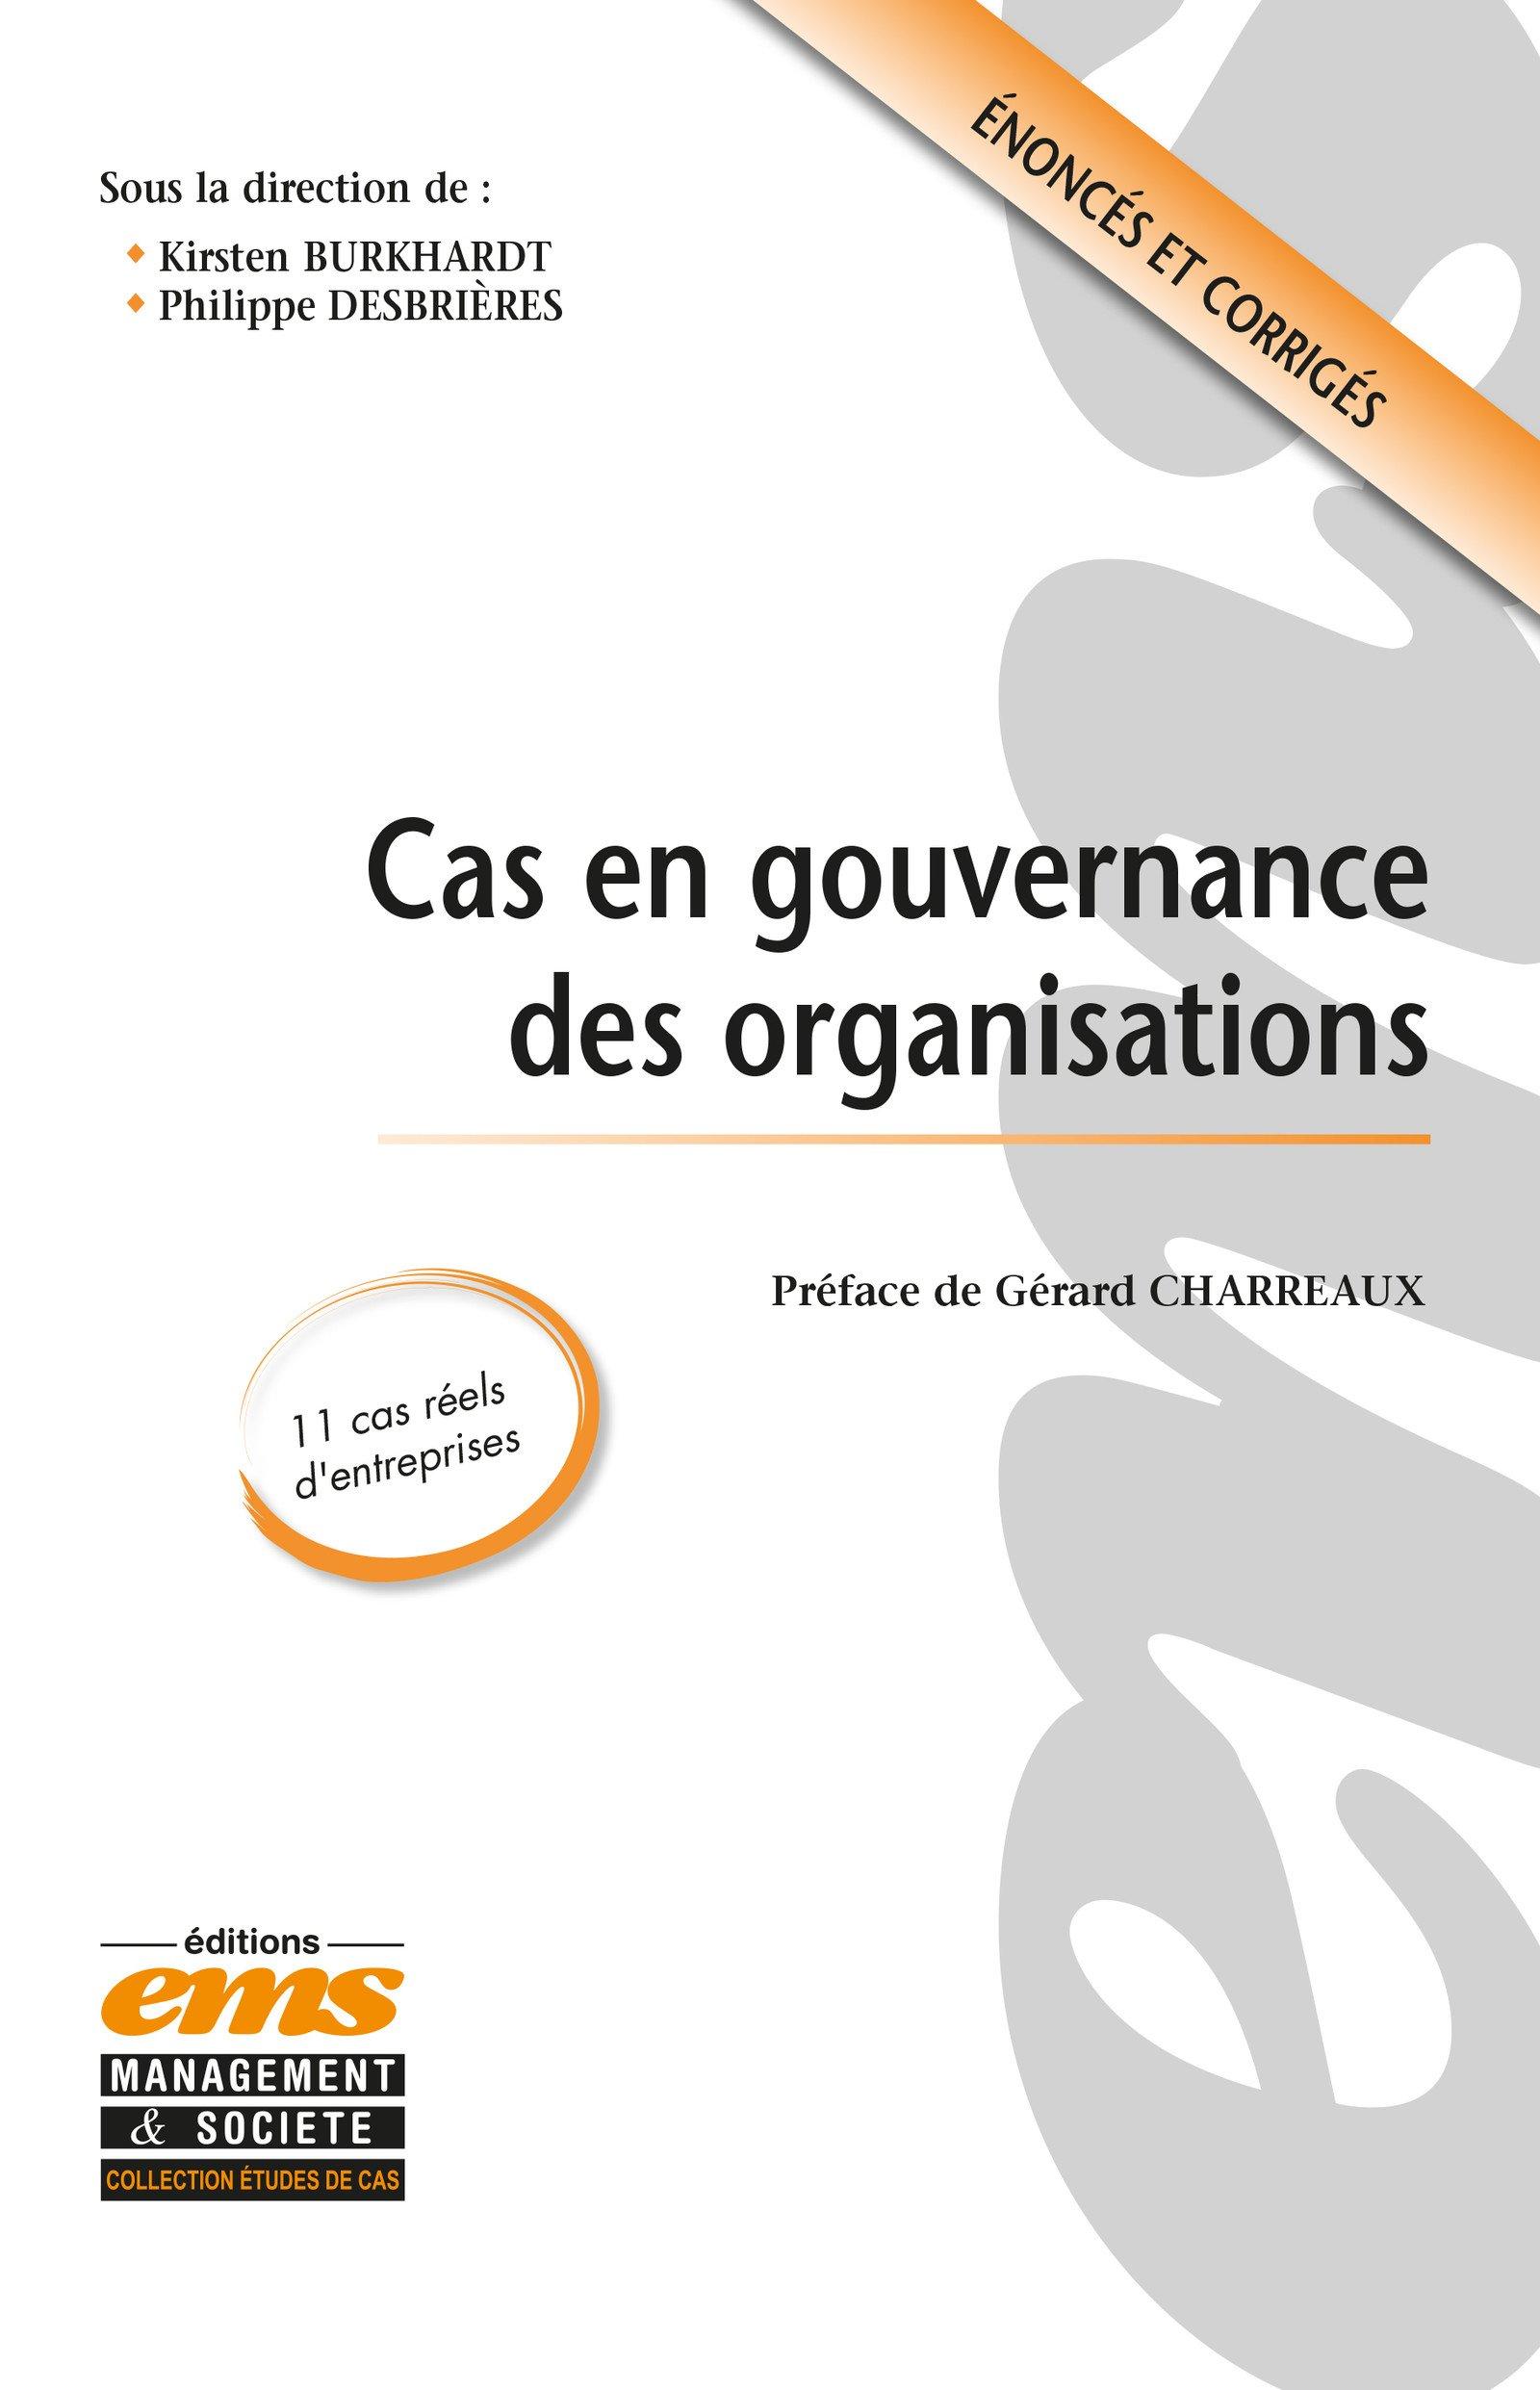 Cas en gouvernance des organisations  (Kirsten Burkhardt et Philippe Desbrières)